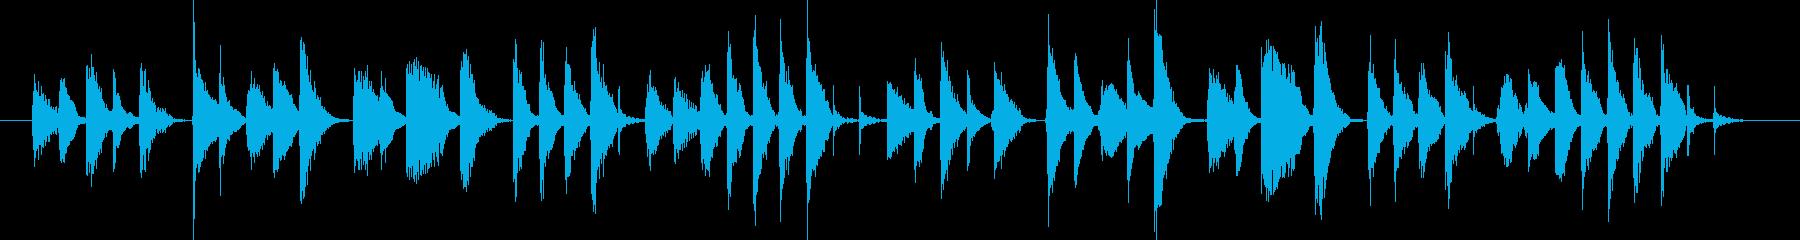 軽快する音楽BGMの再生済みの波形